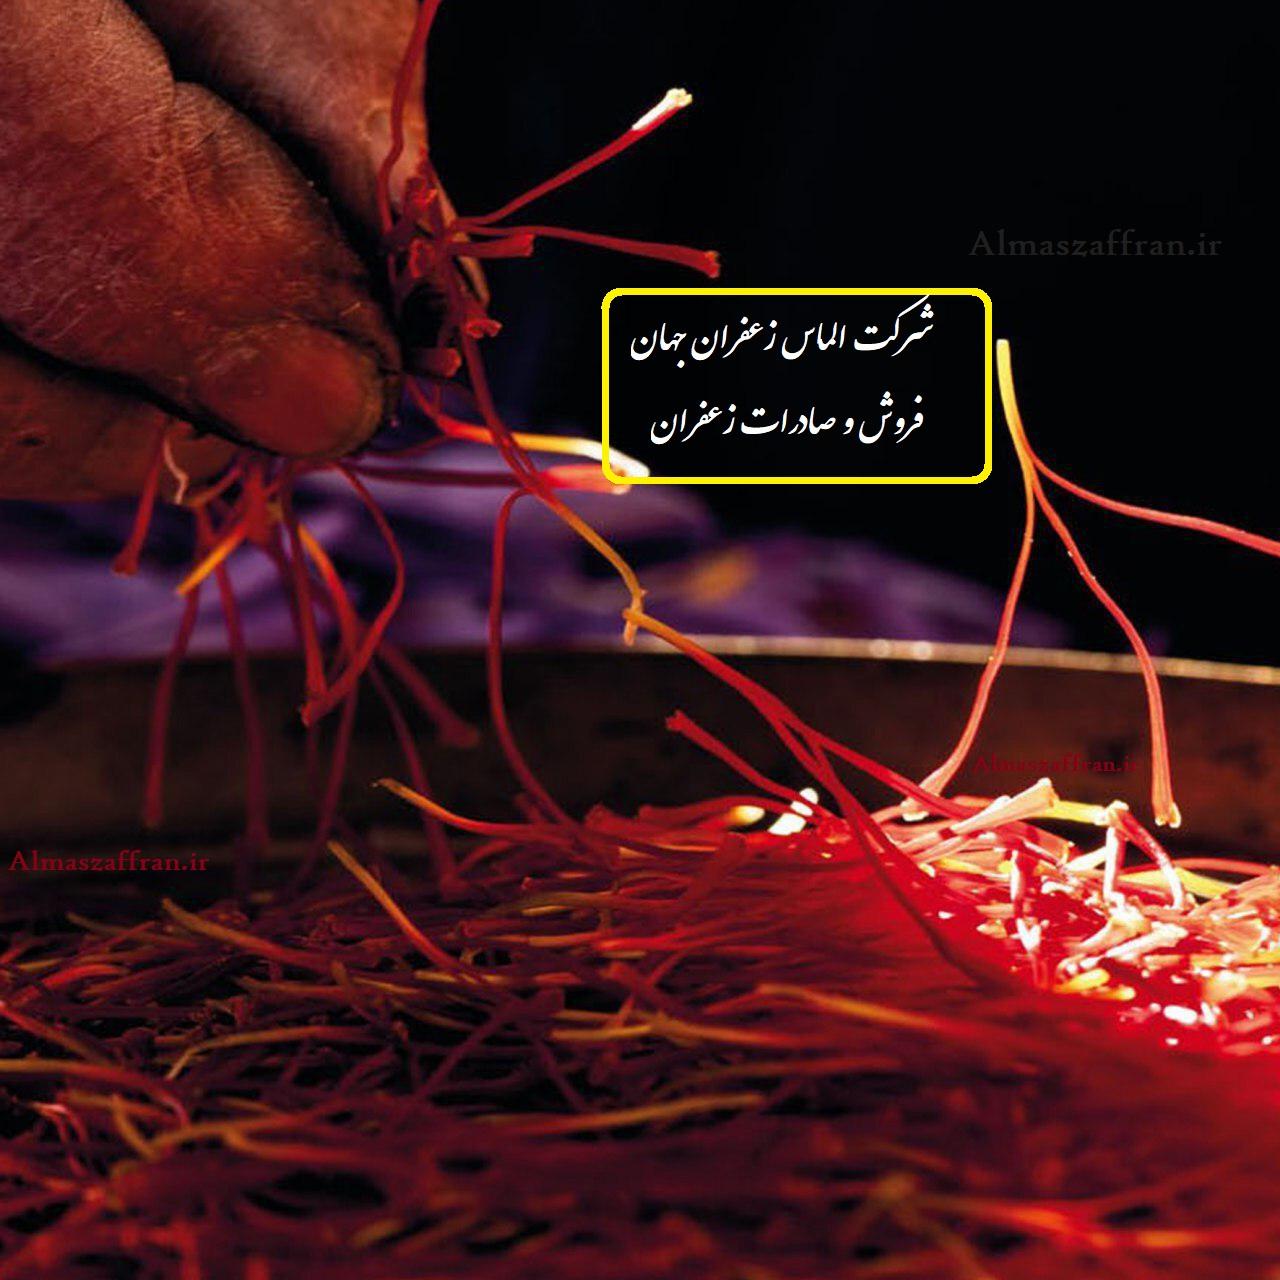 روش صادرات زعفران چگونه است؟